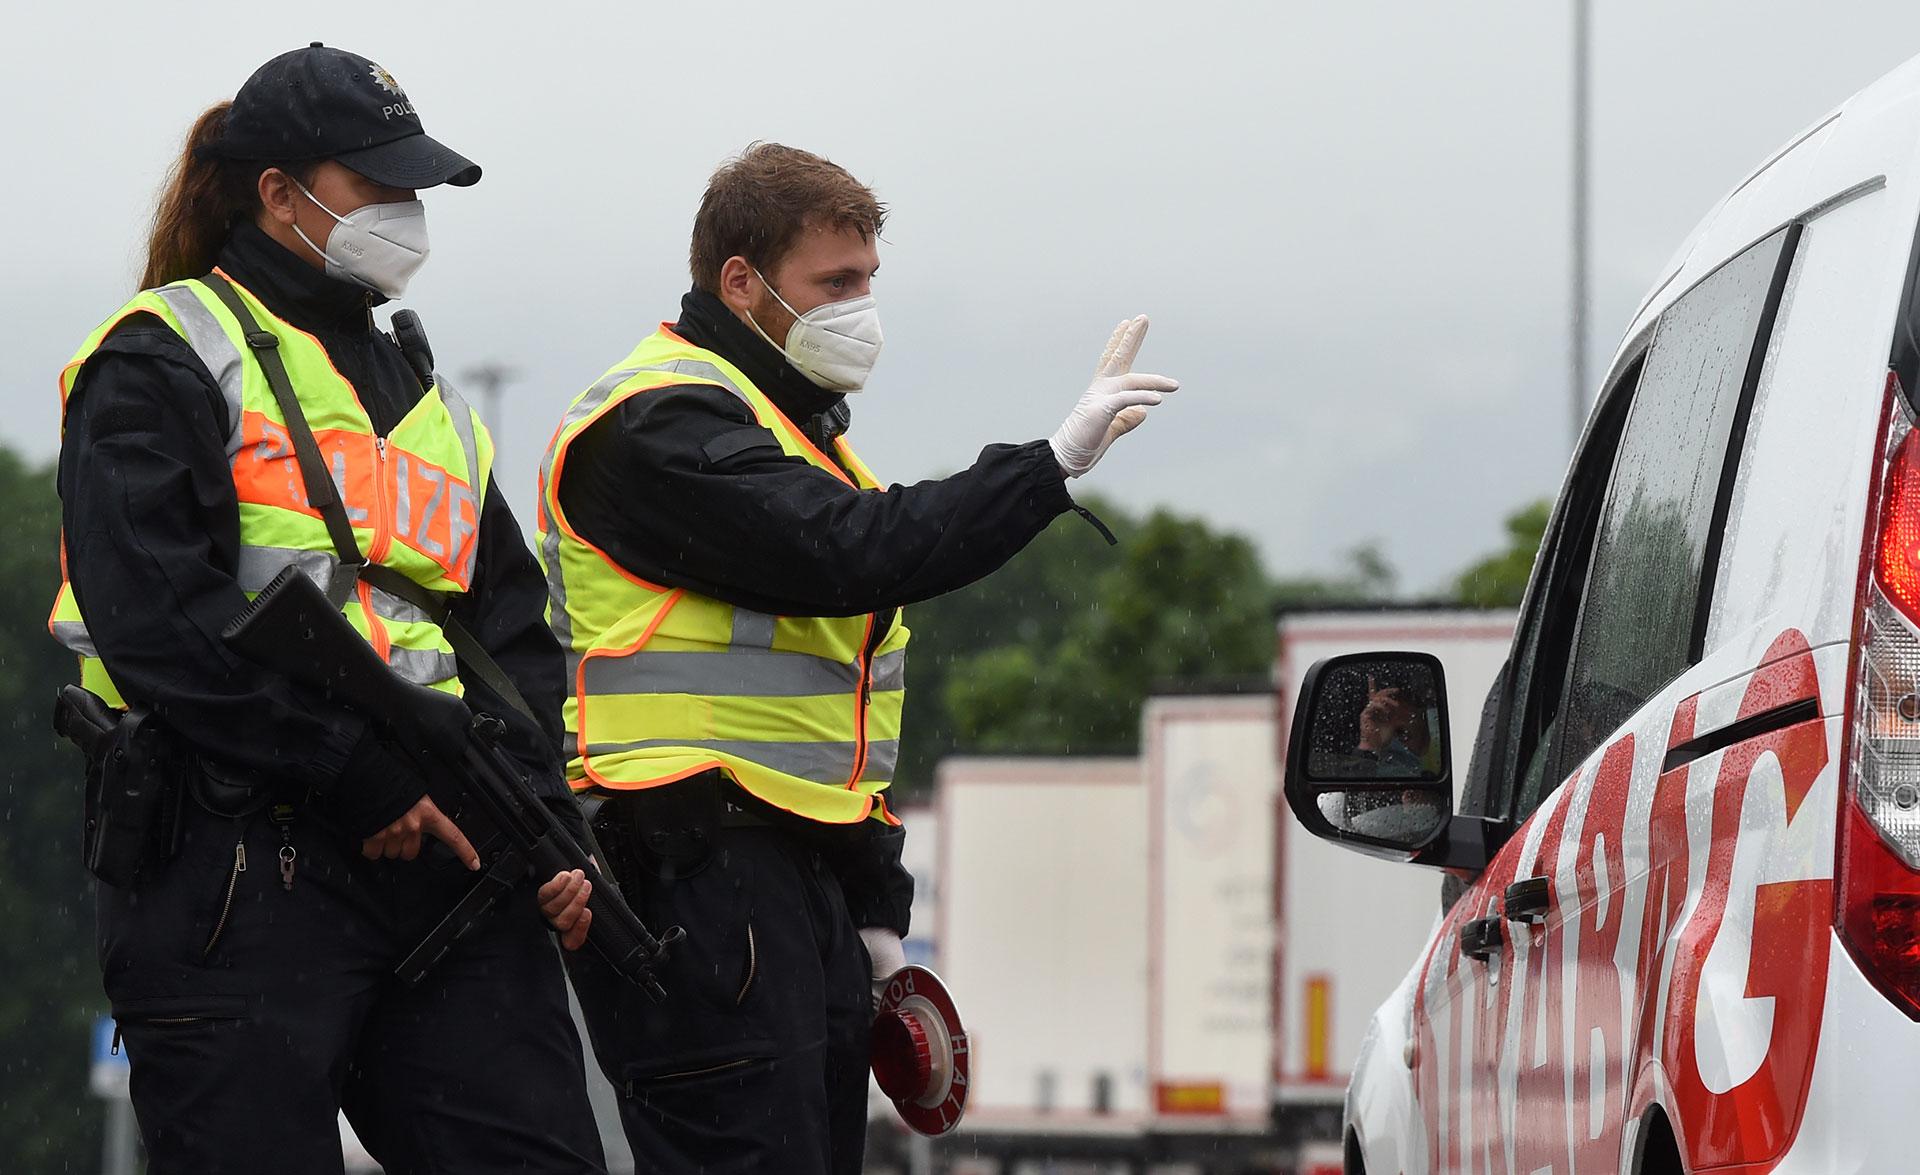 Un oficial de la policía alemana controla un automovil en el puesto fronterizo entre Alemania y Austria.